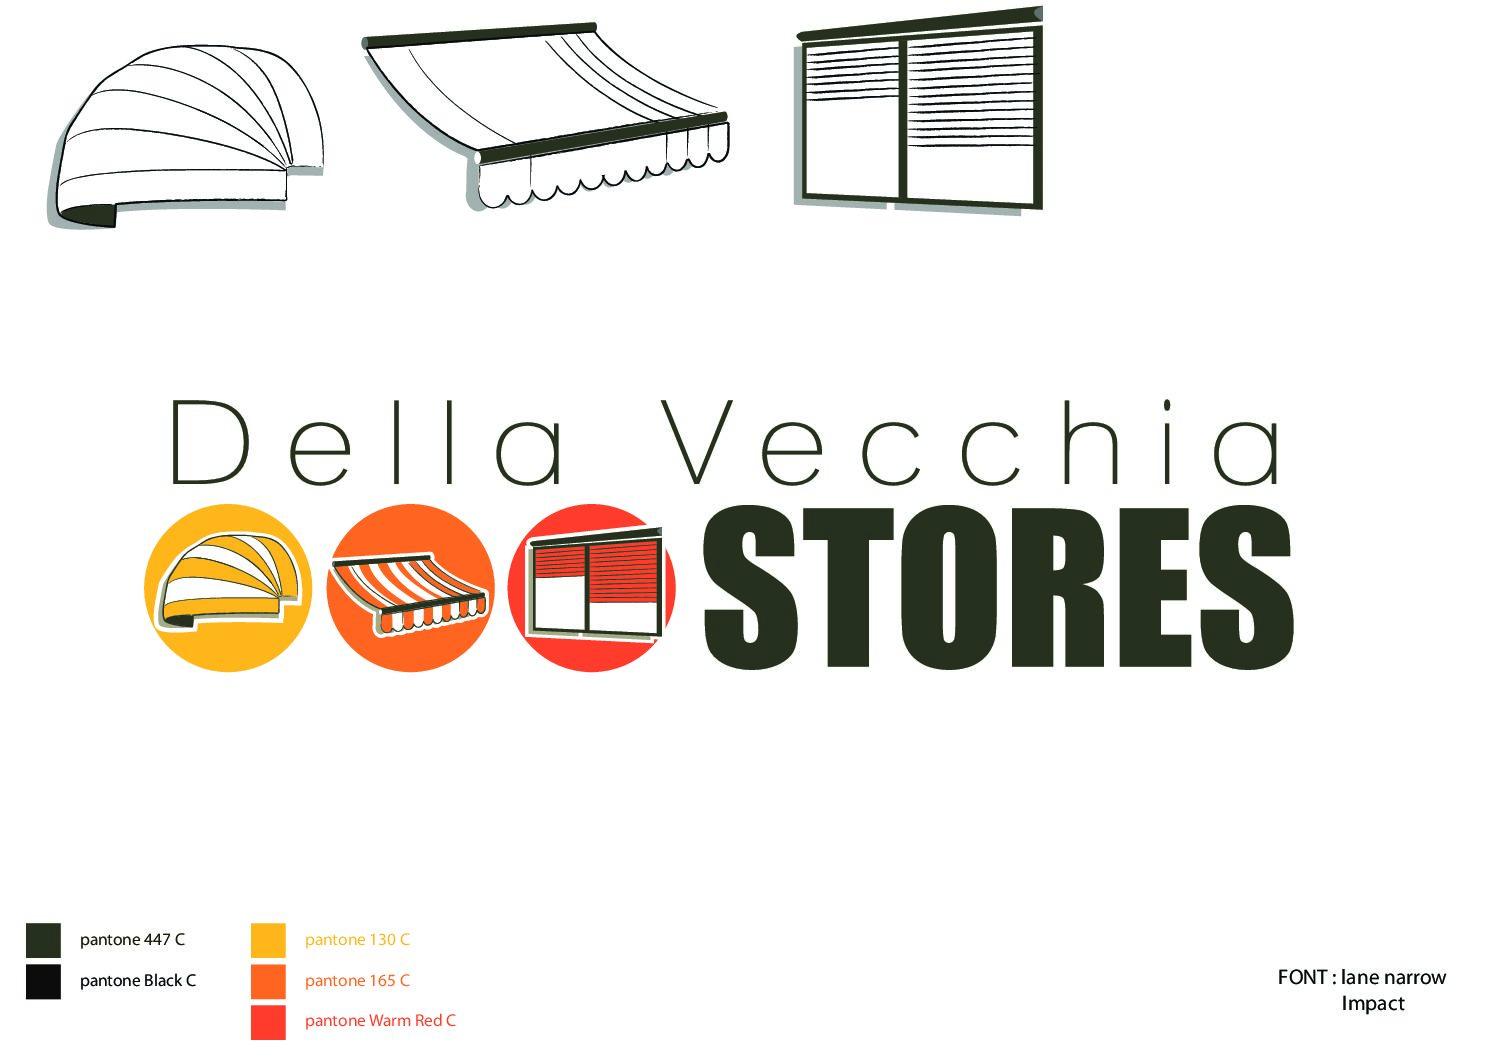 Della Vecchia Stores